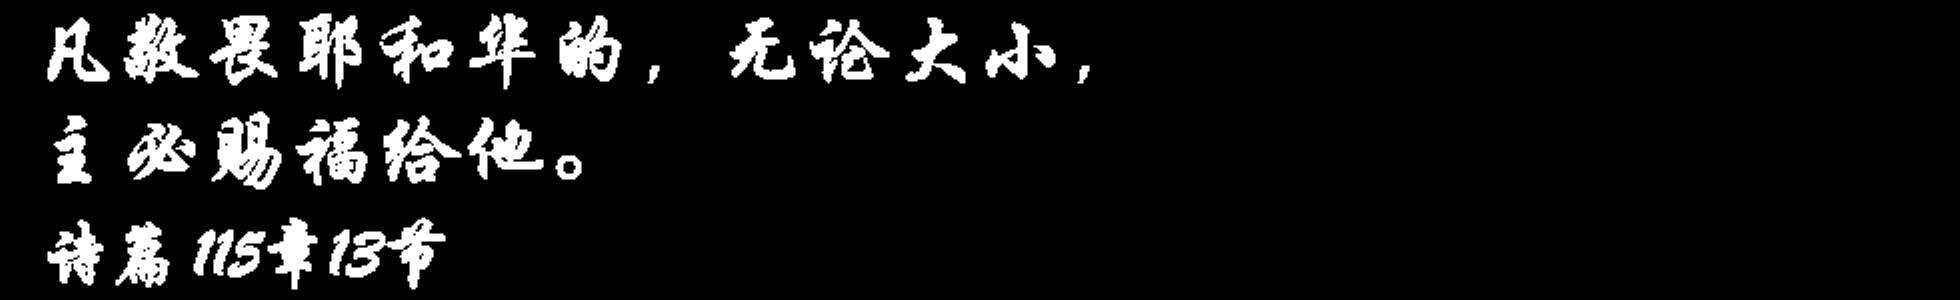 phrase-04-bicubic